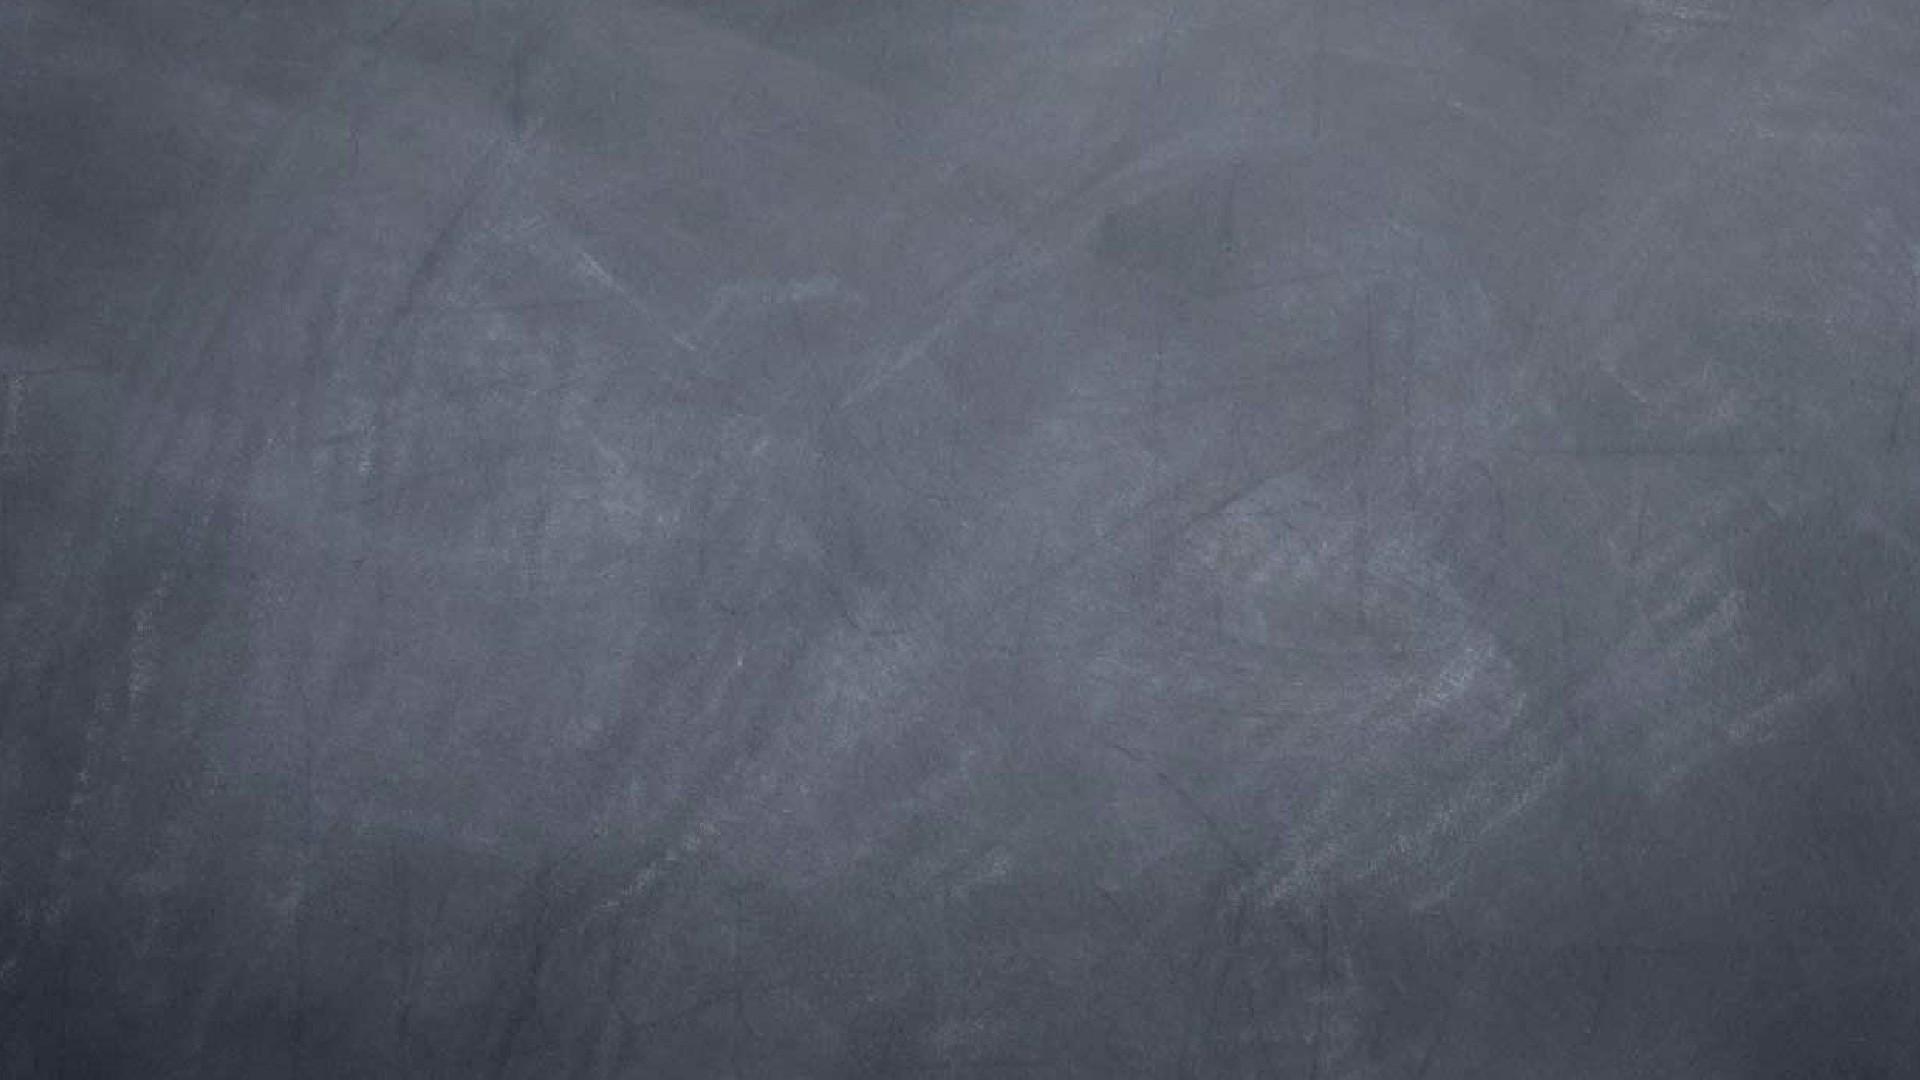 Chalkboard Download Wallpaper